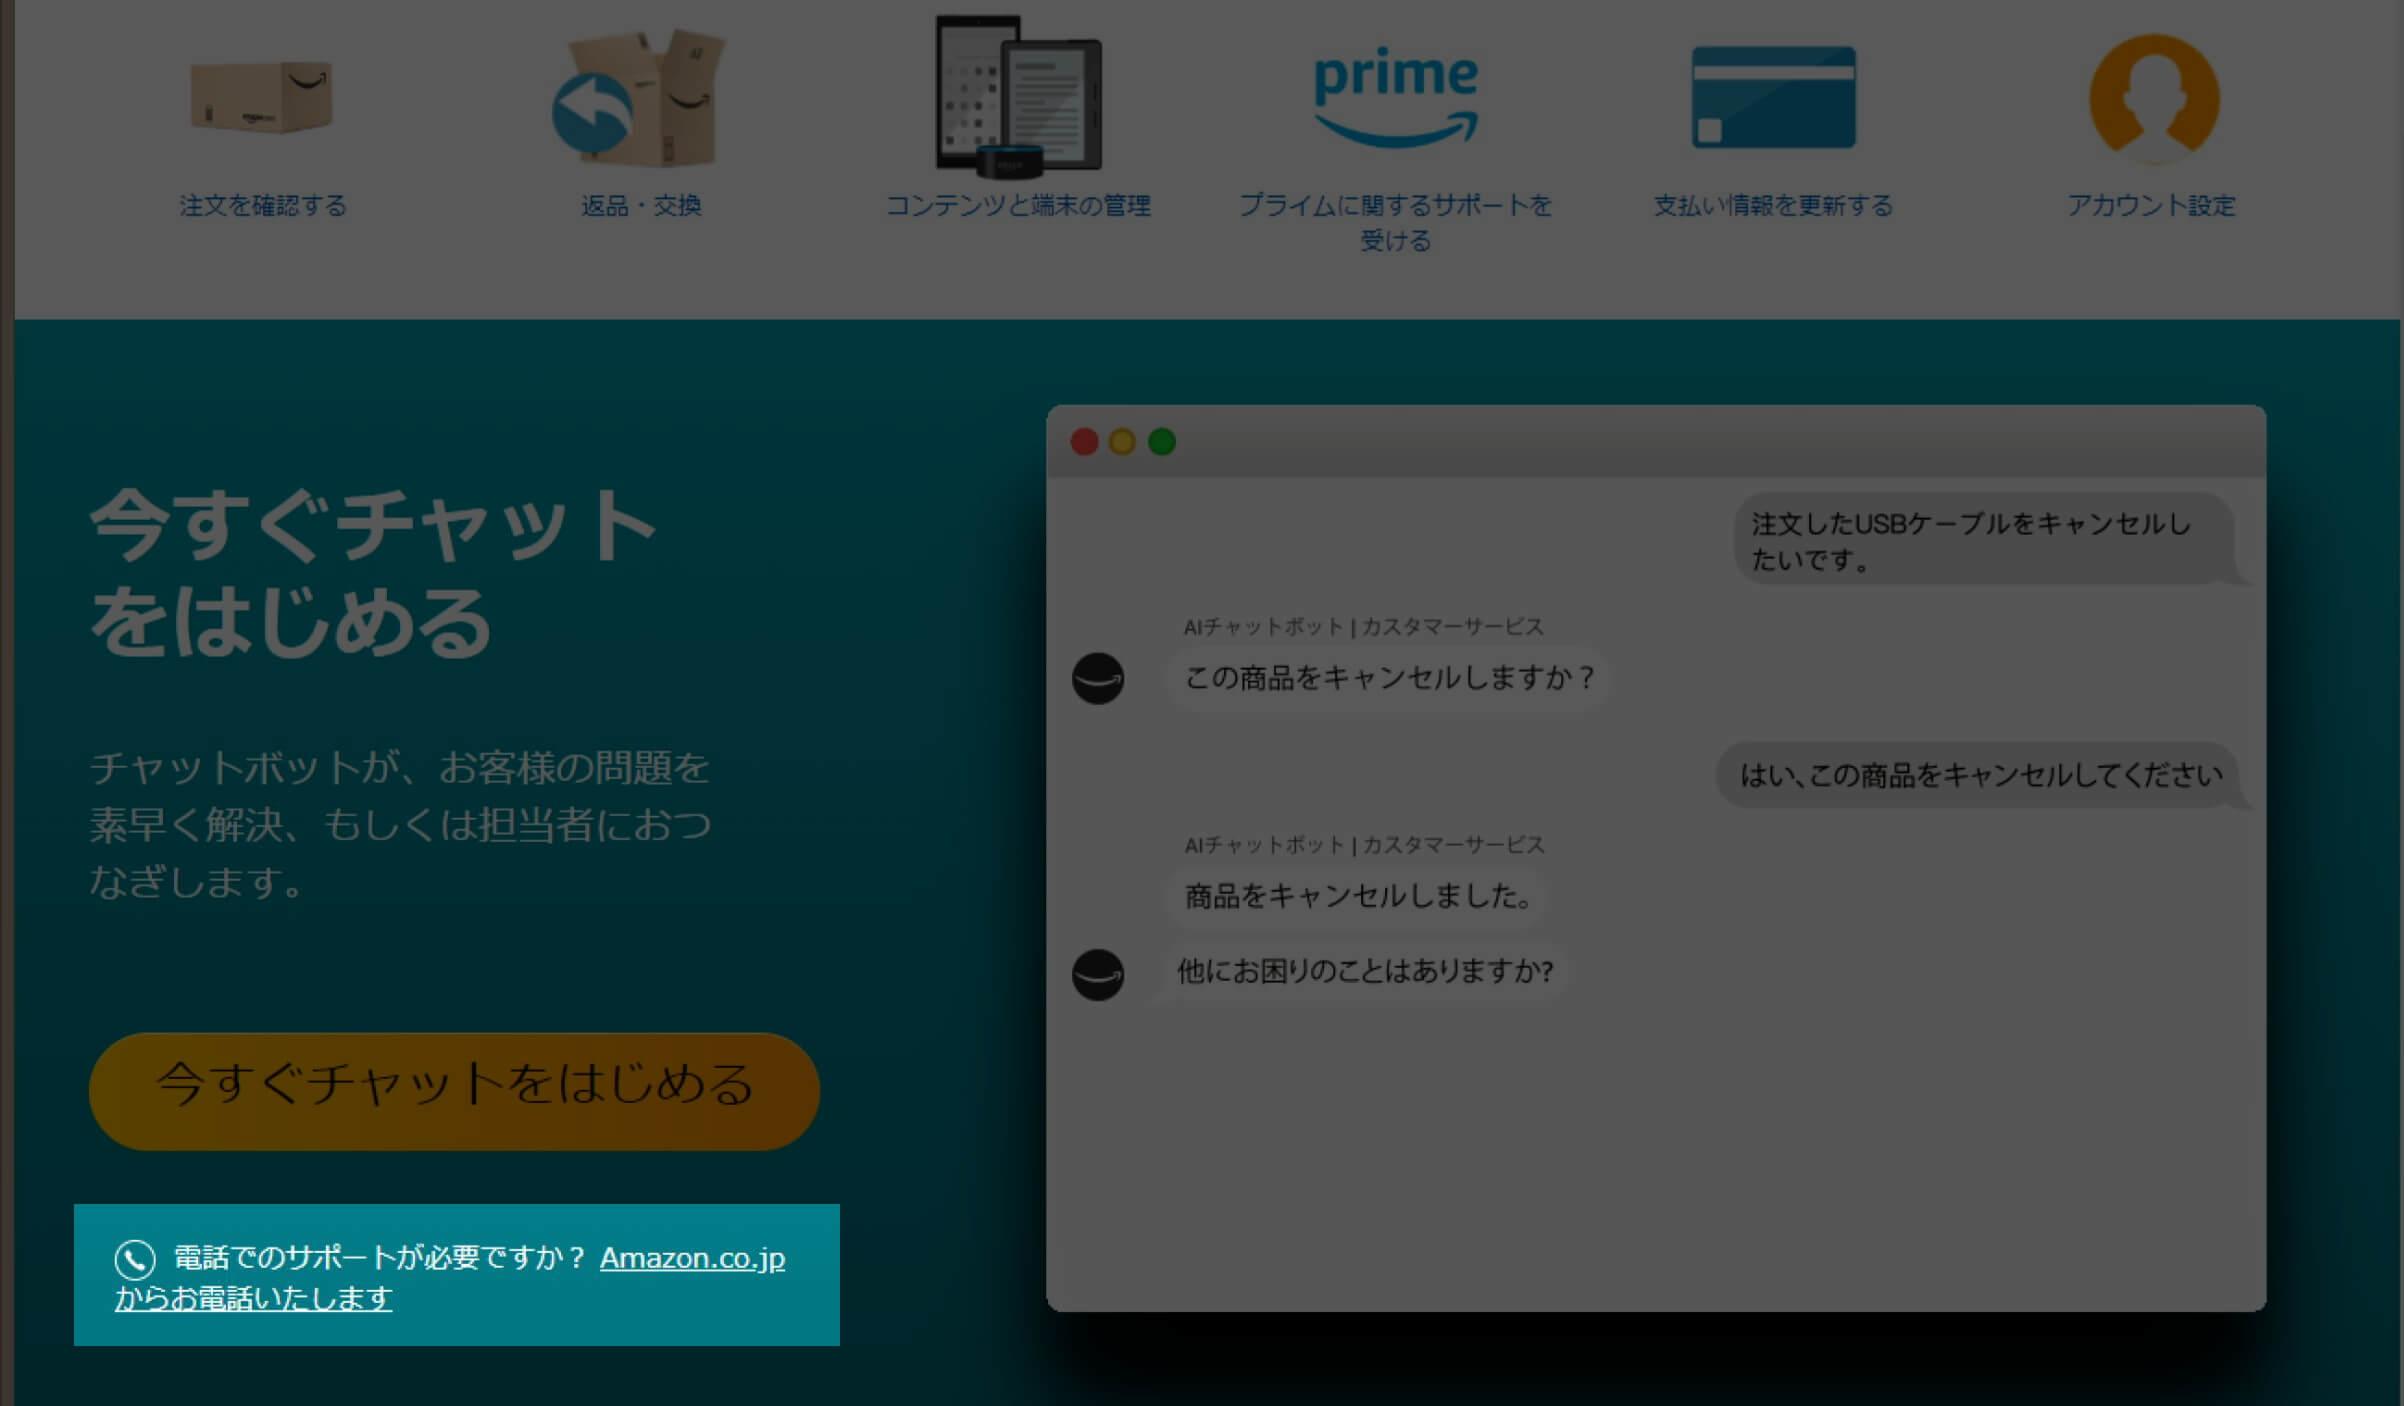 Amazon電話でのサポートを開始